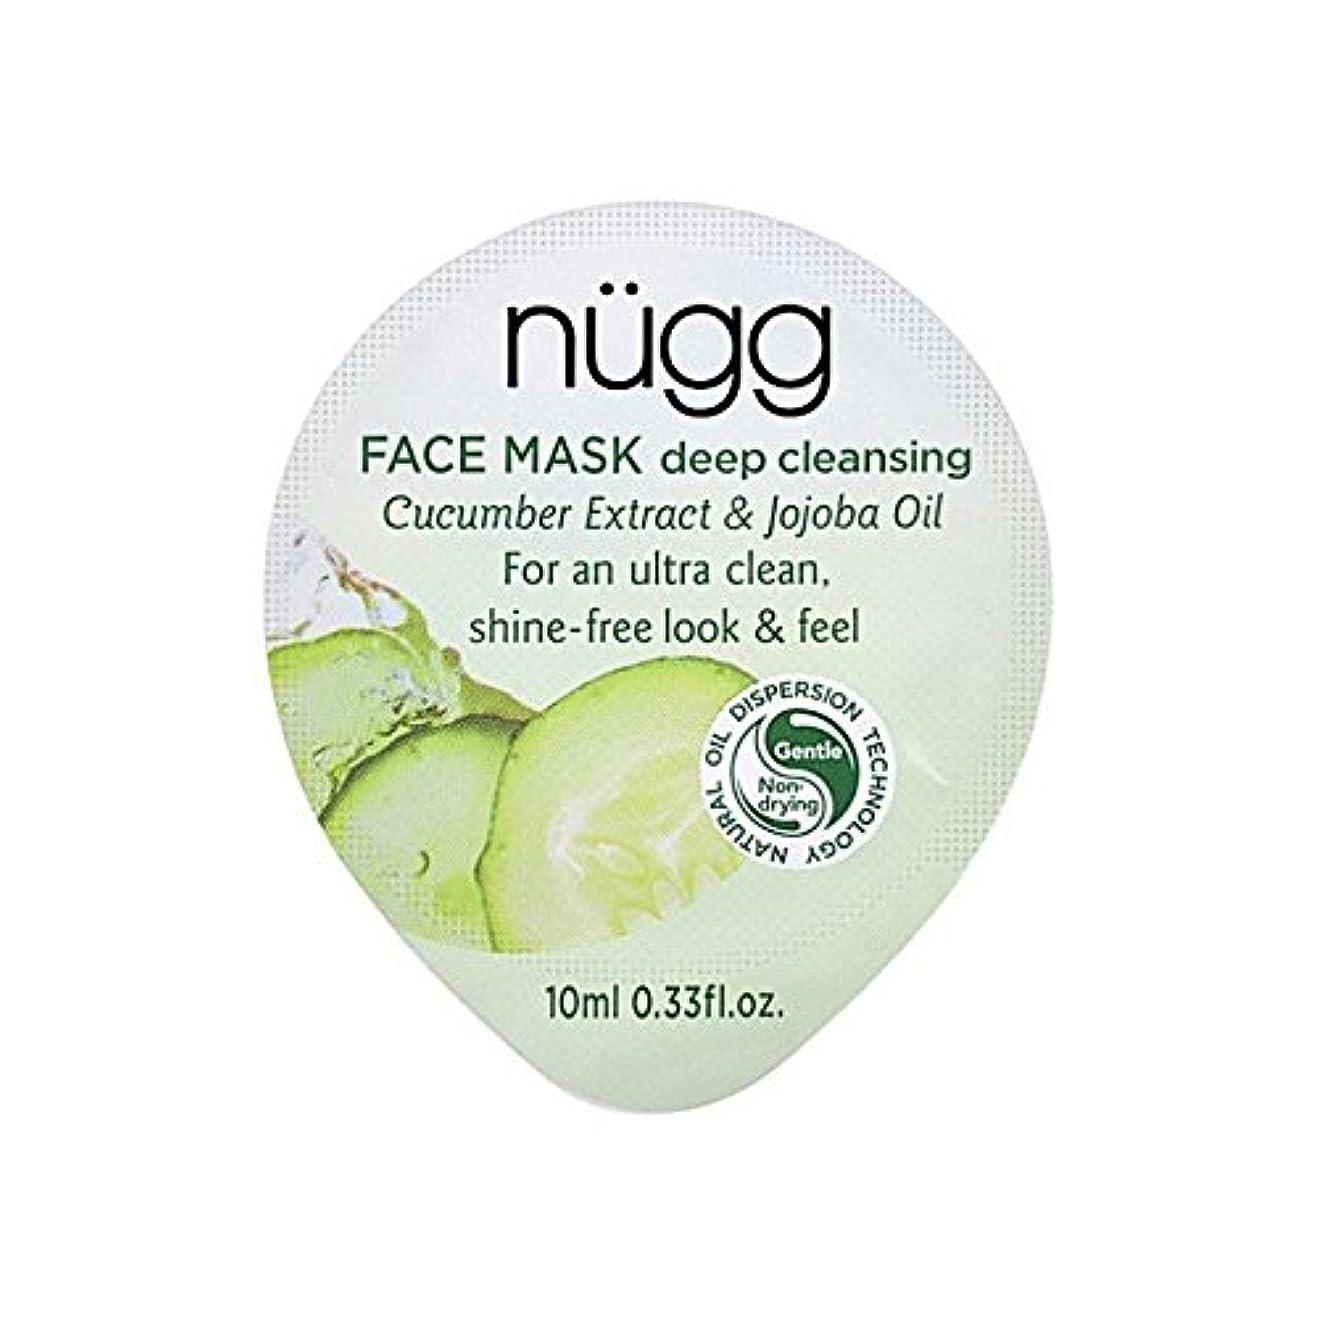 追跡隣人謝罪するNugg Deep Cleansing Face Mask - ディープクレンジングフェイスマスク [並行輸入品]